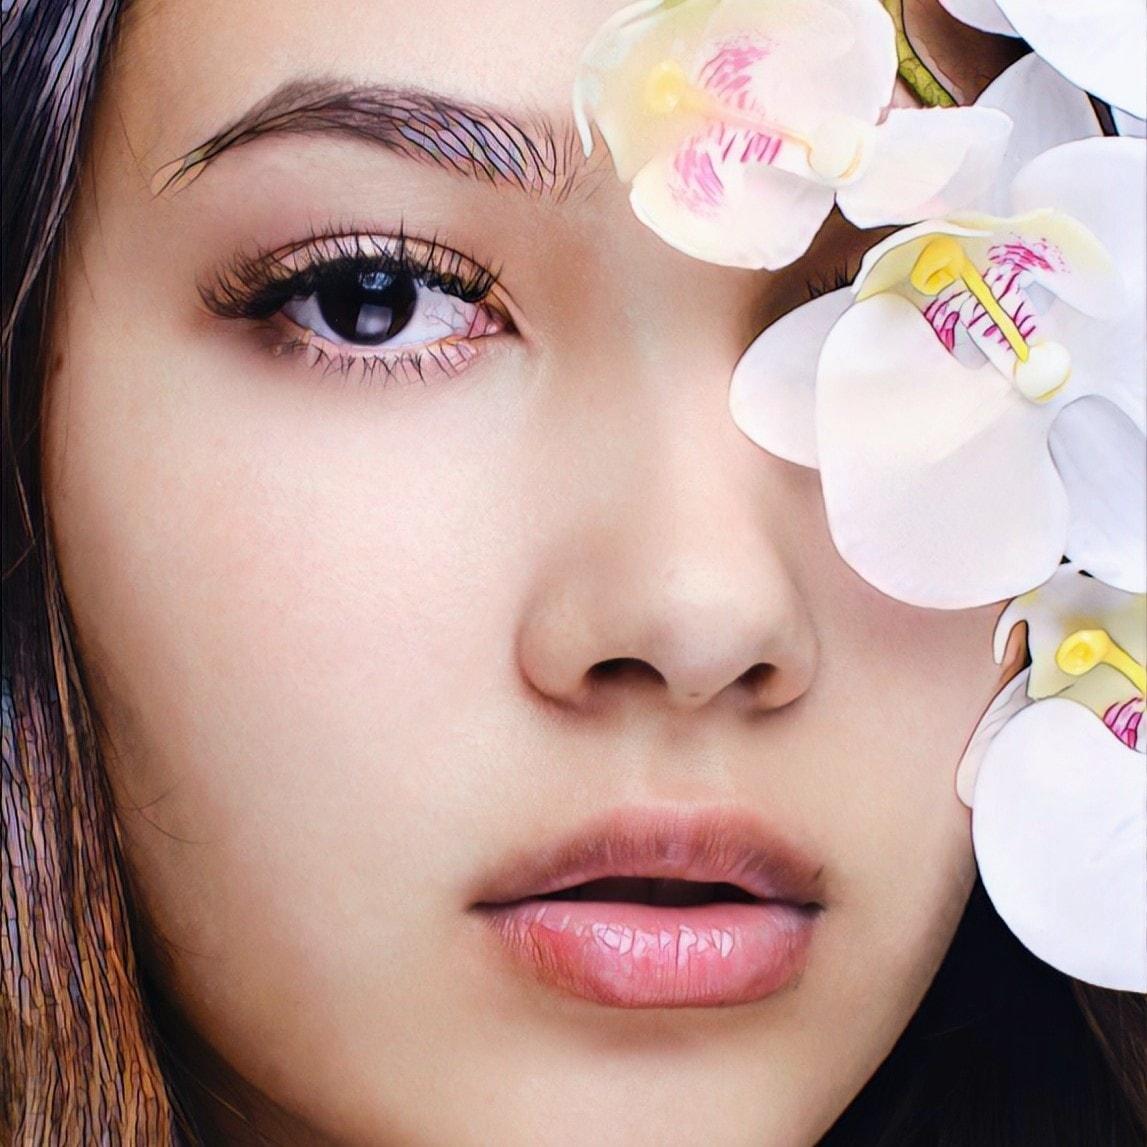 Представители компании АО «АКРИХИН» познакомили косметологов с распространенными мифами местного обезболивания